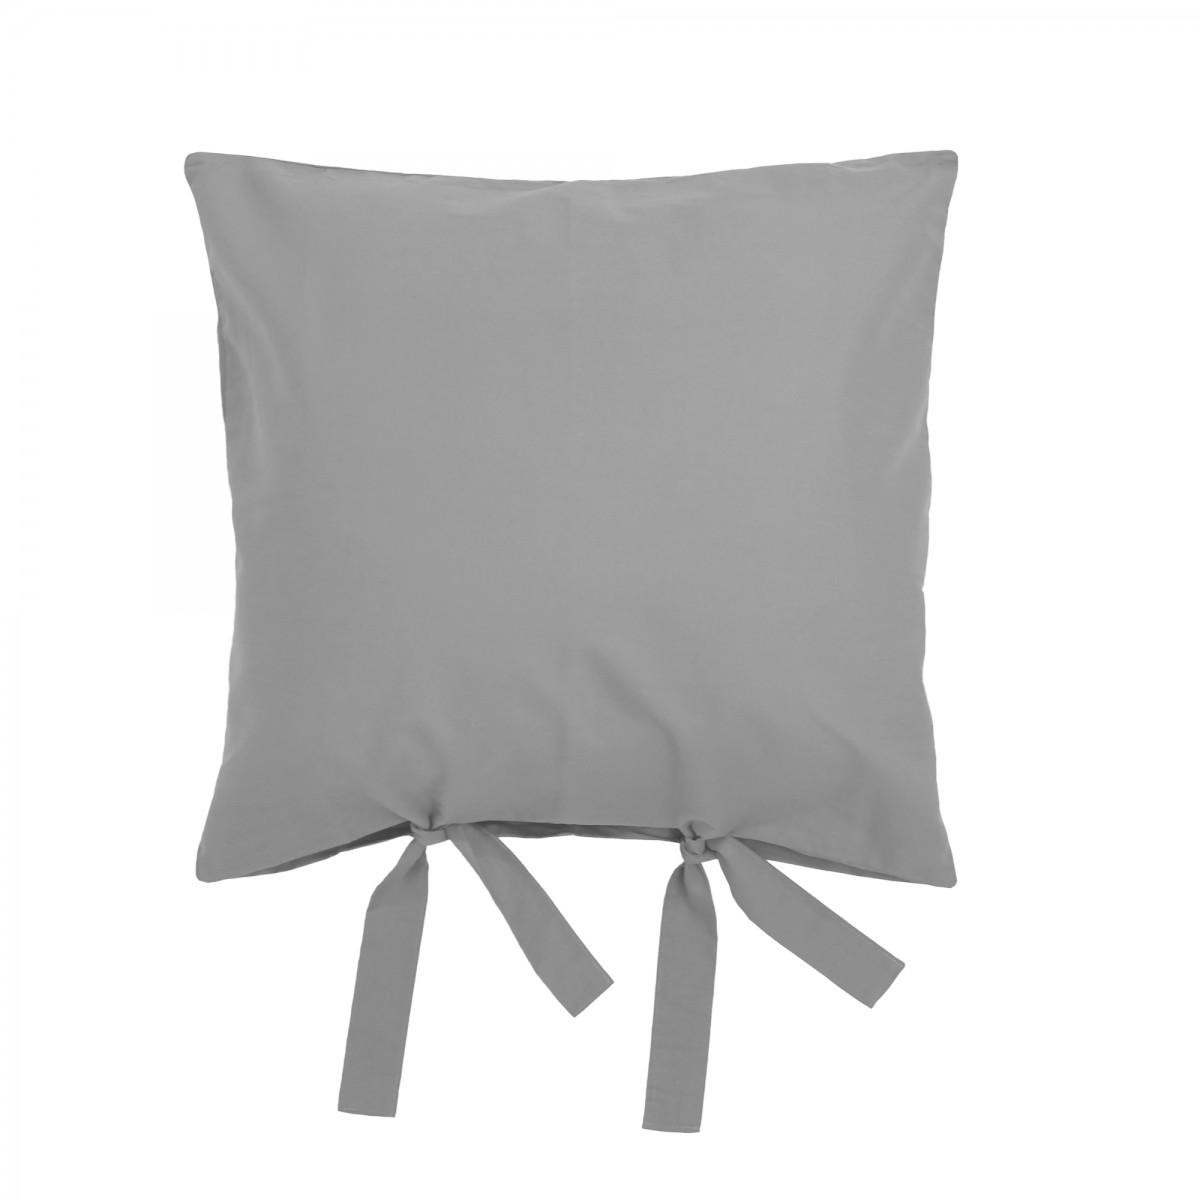 Deco pillowcase, Nude